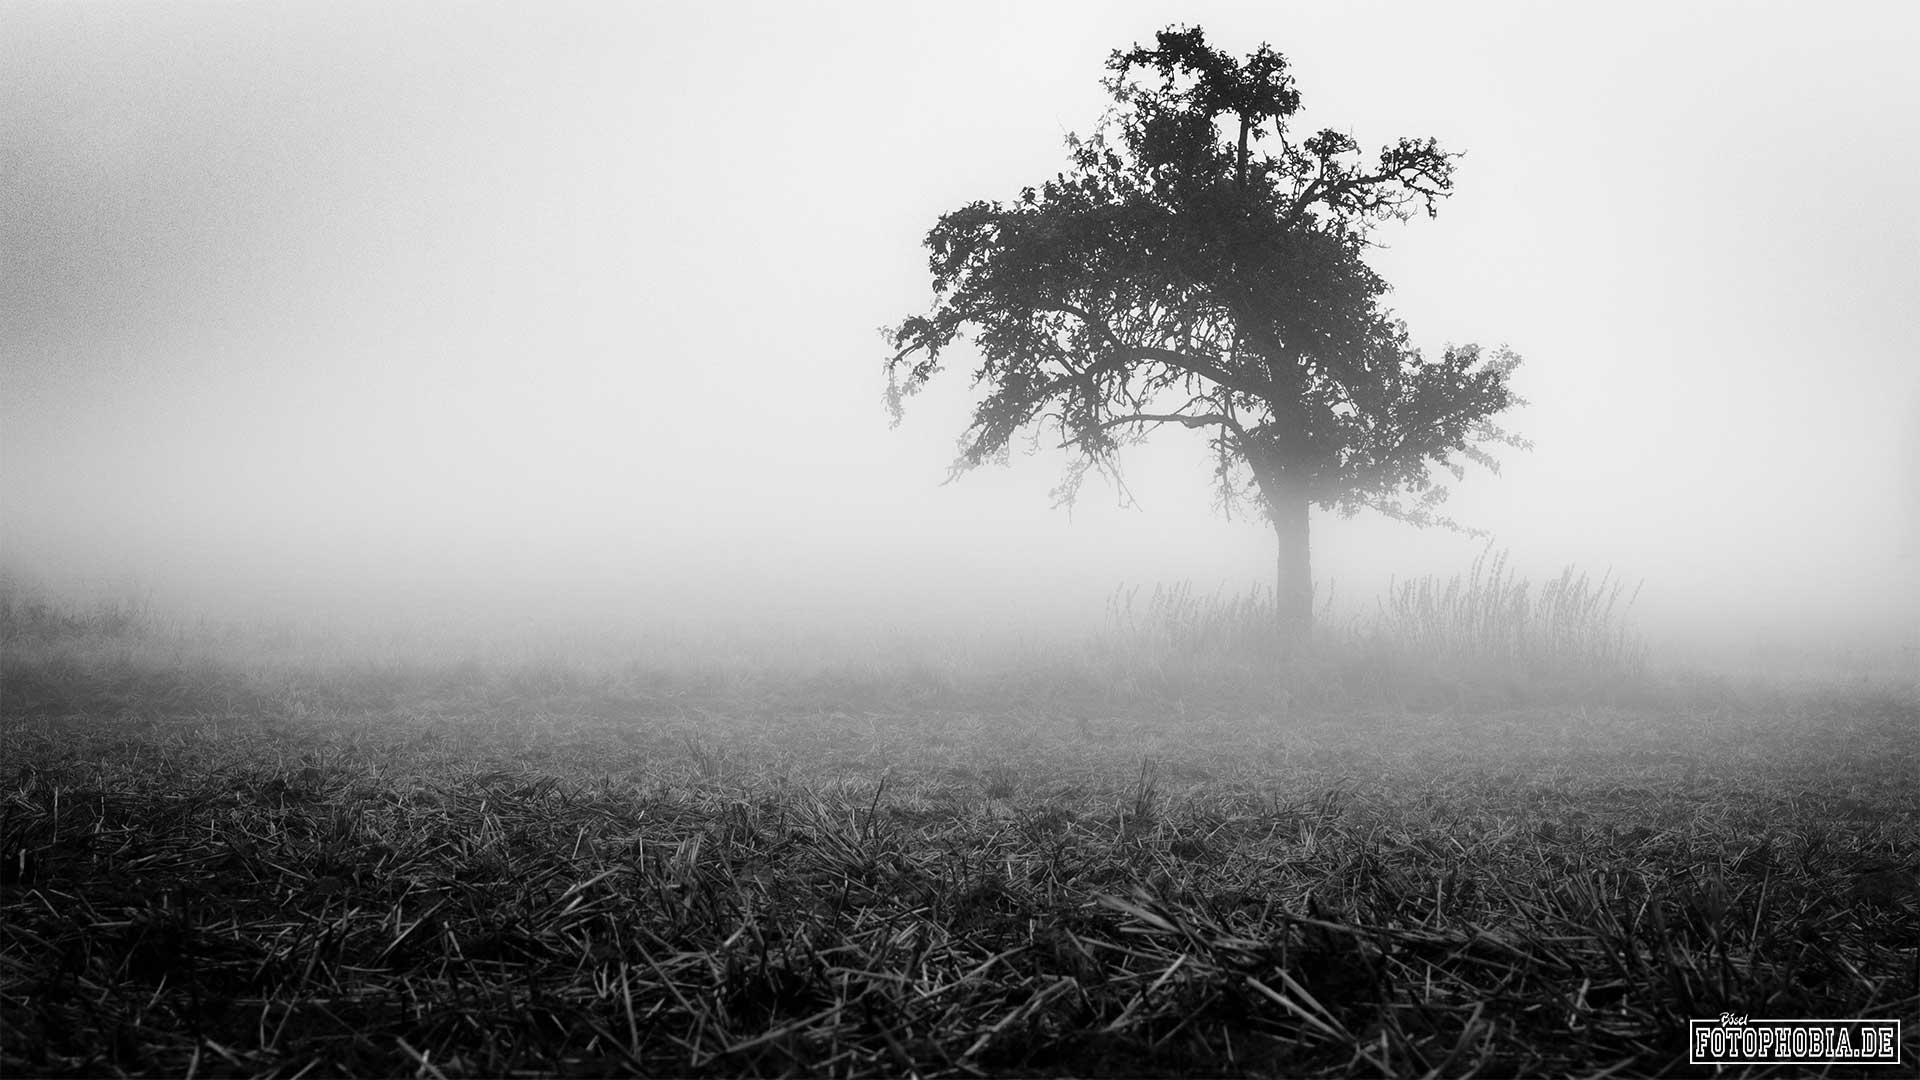 Baum im Nebel in schwarzweiss fotografiert